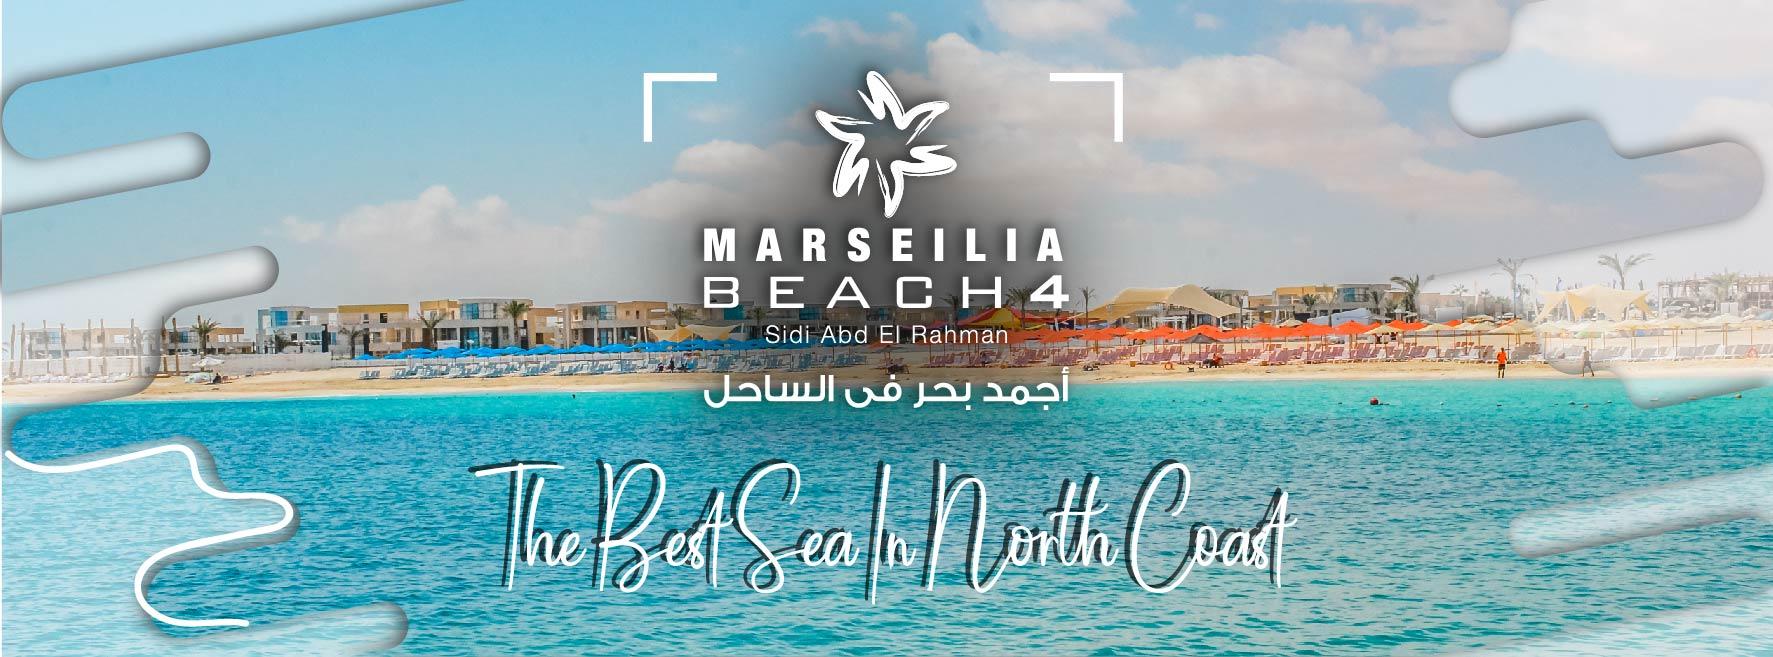 marseilia beach 1